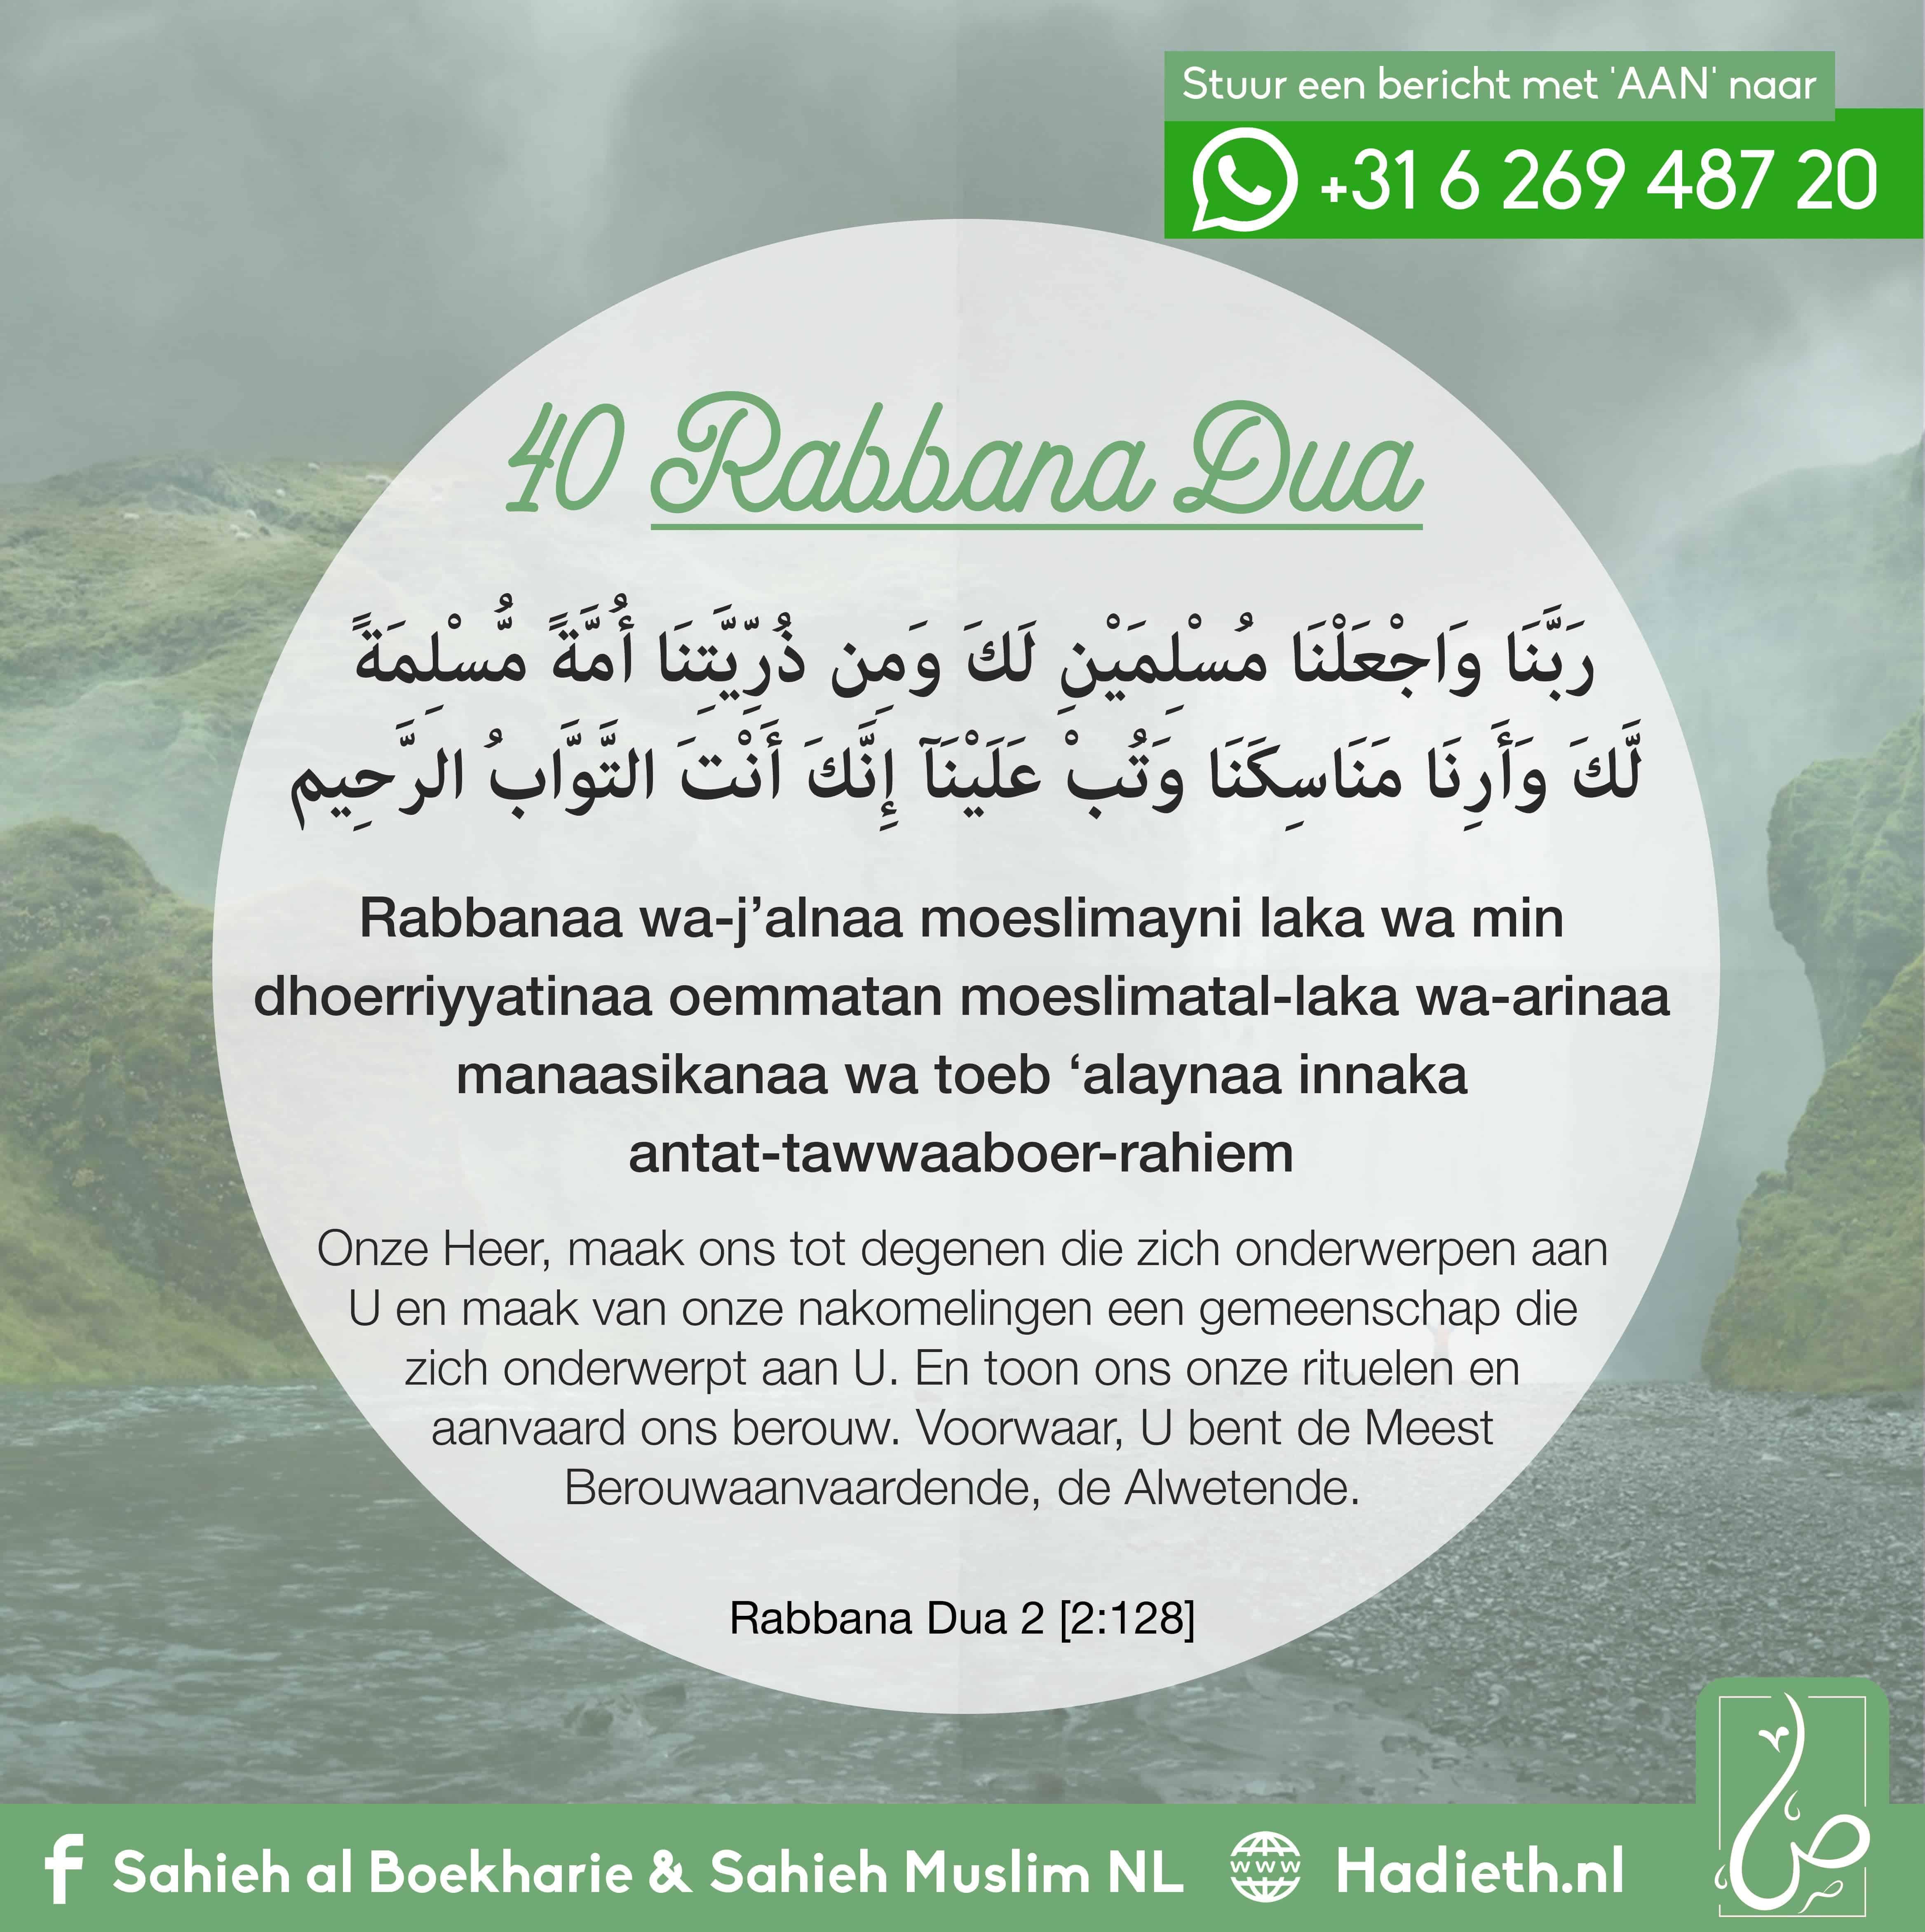 Rabbana Dua 2